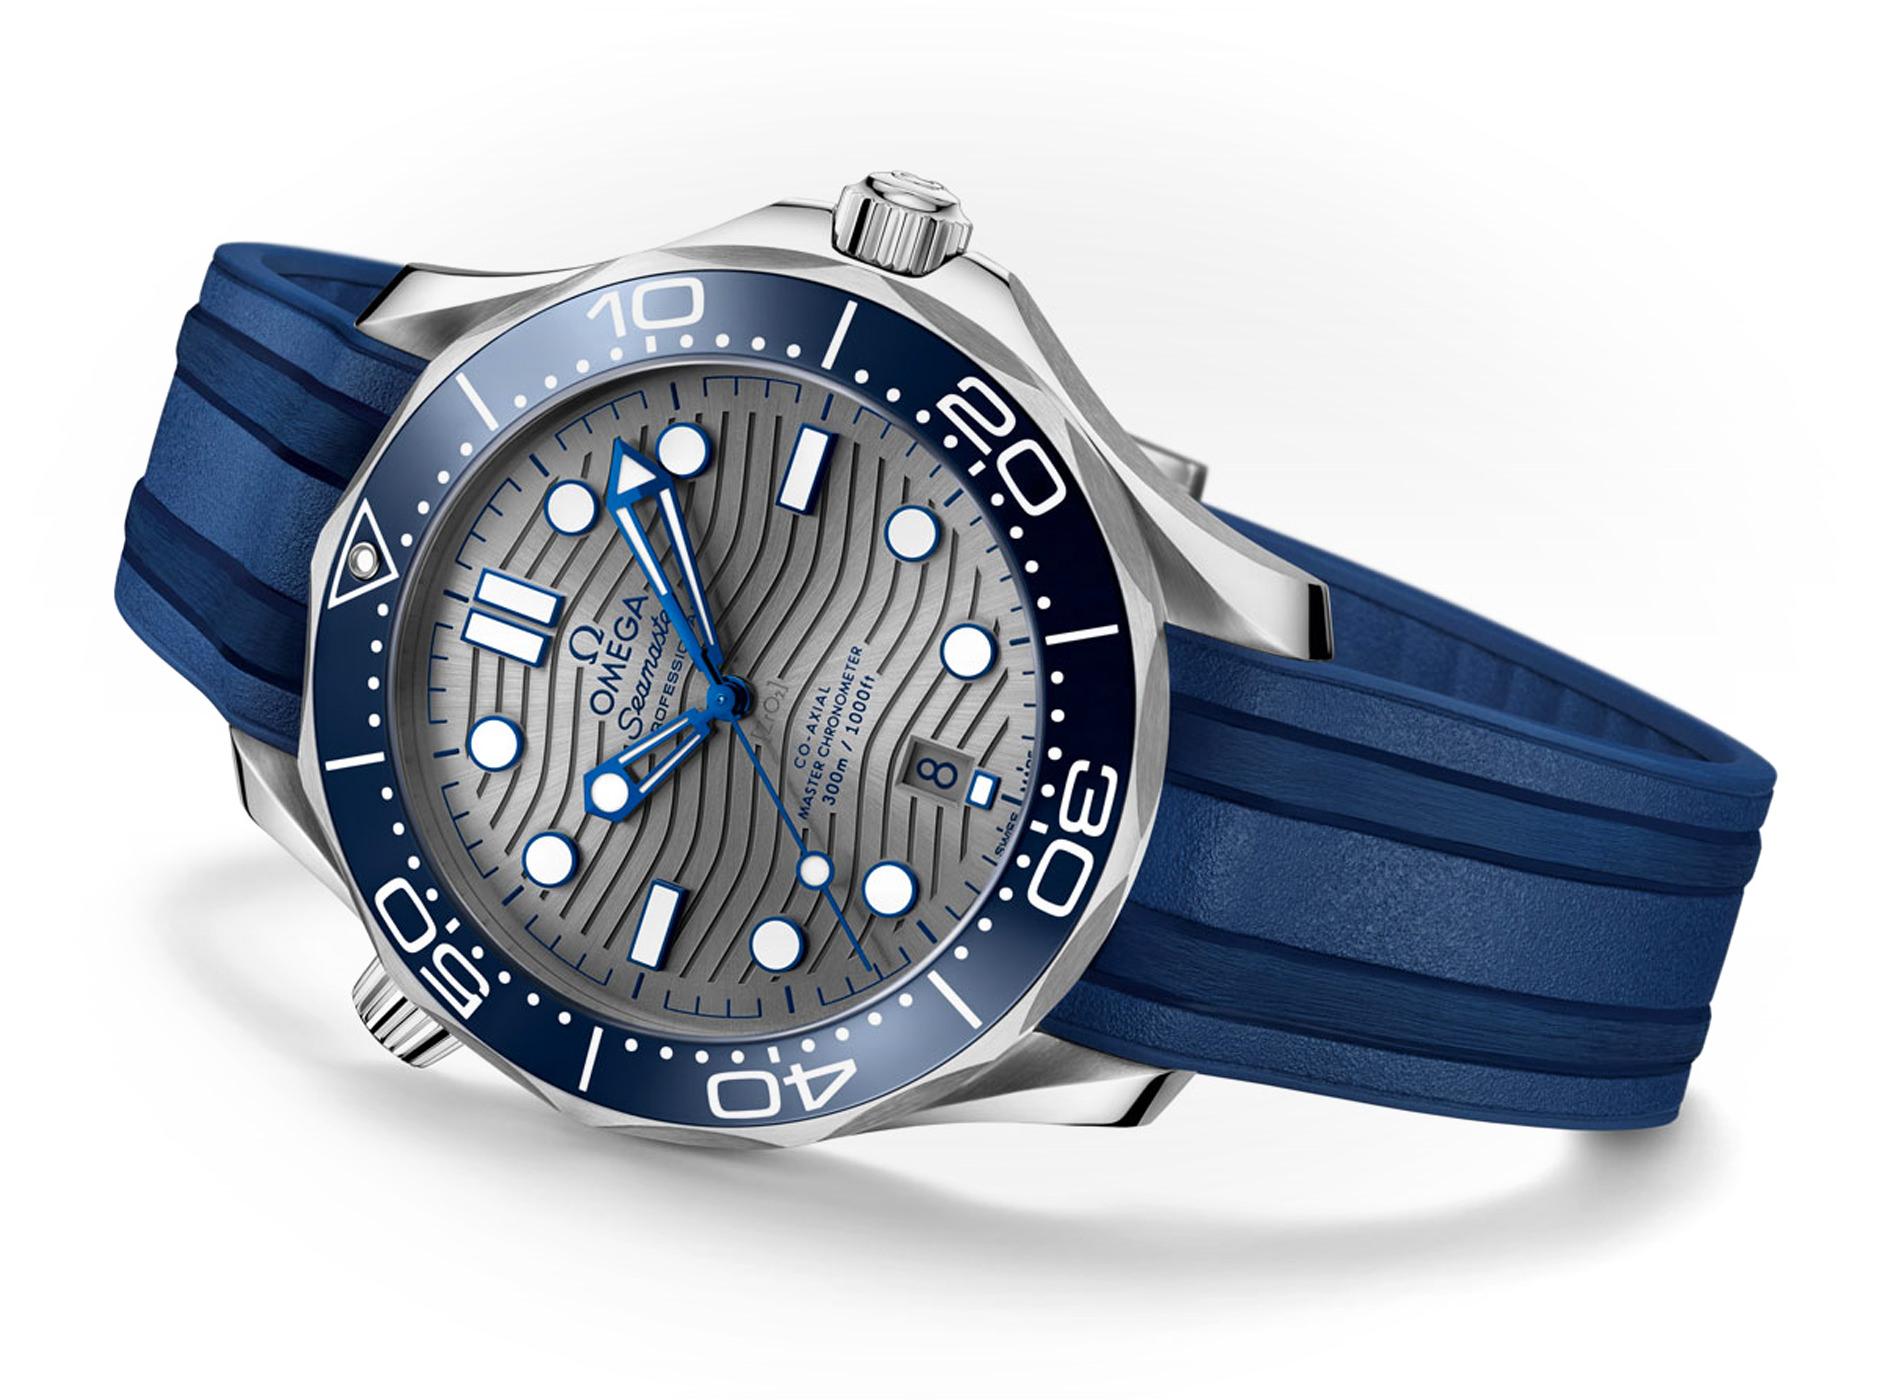 Meilleures Montres de Plongée Omega Seamaster Diver 300M Chronometer